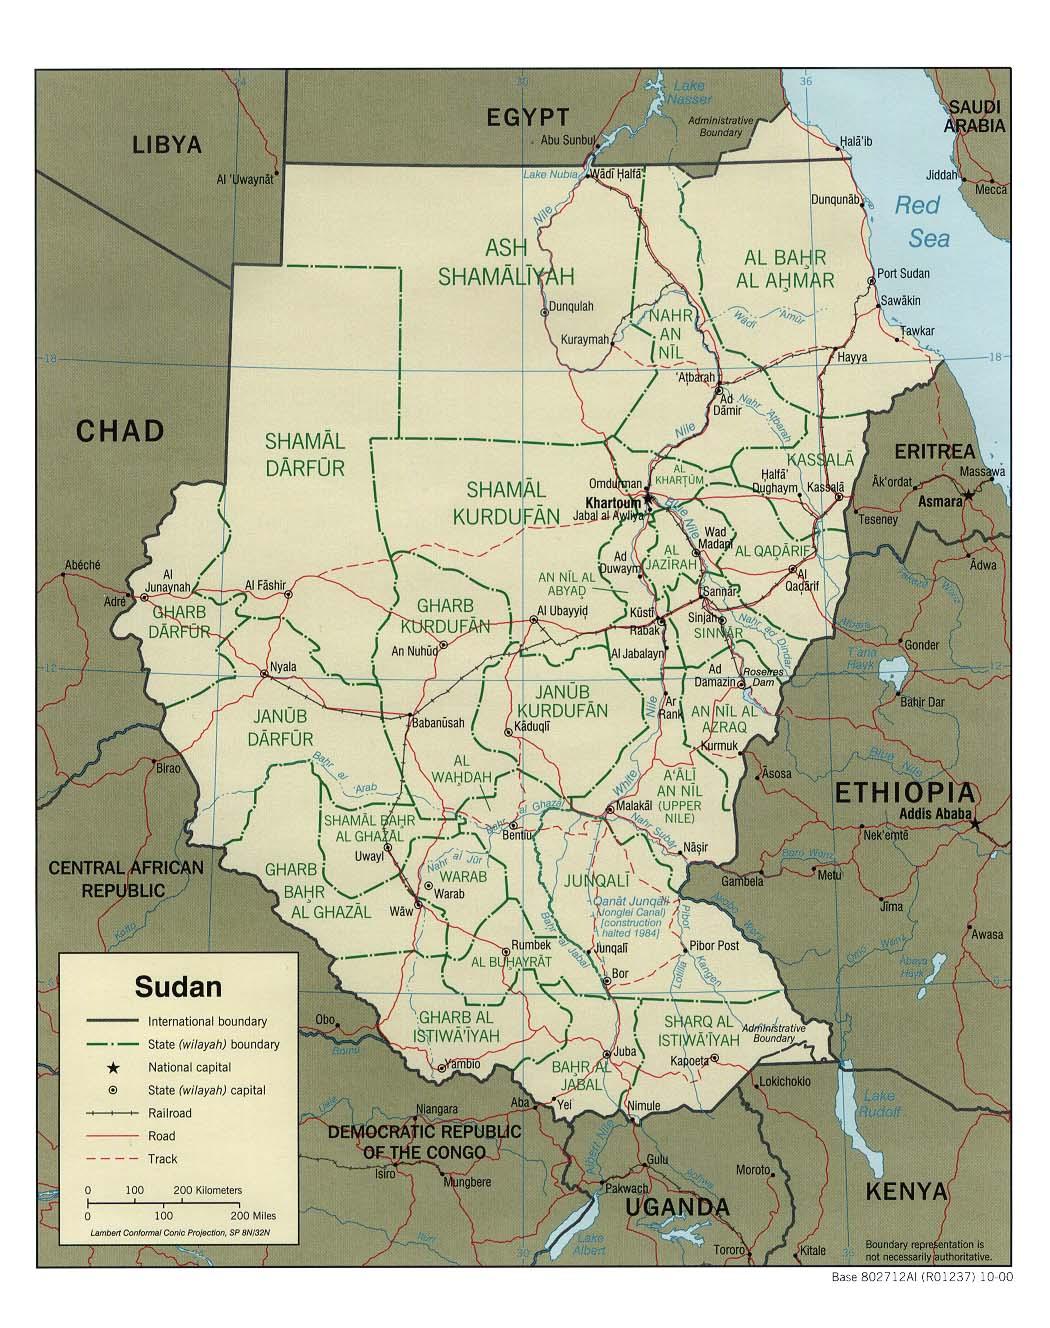 Sudan images